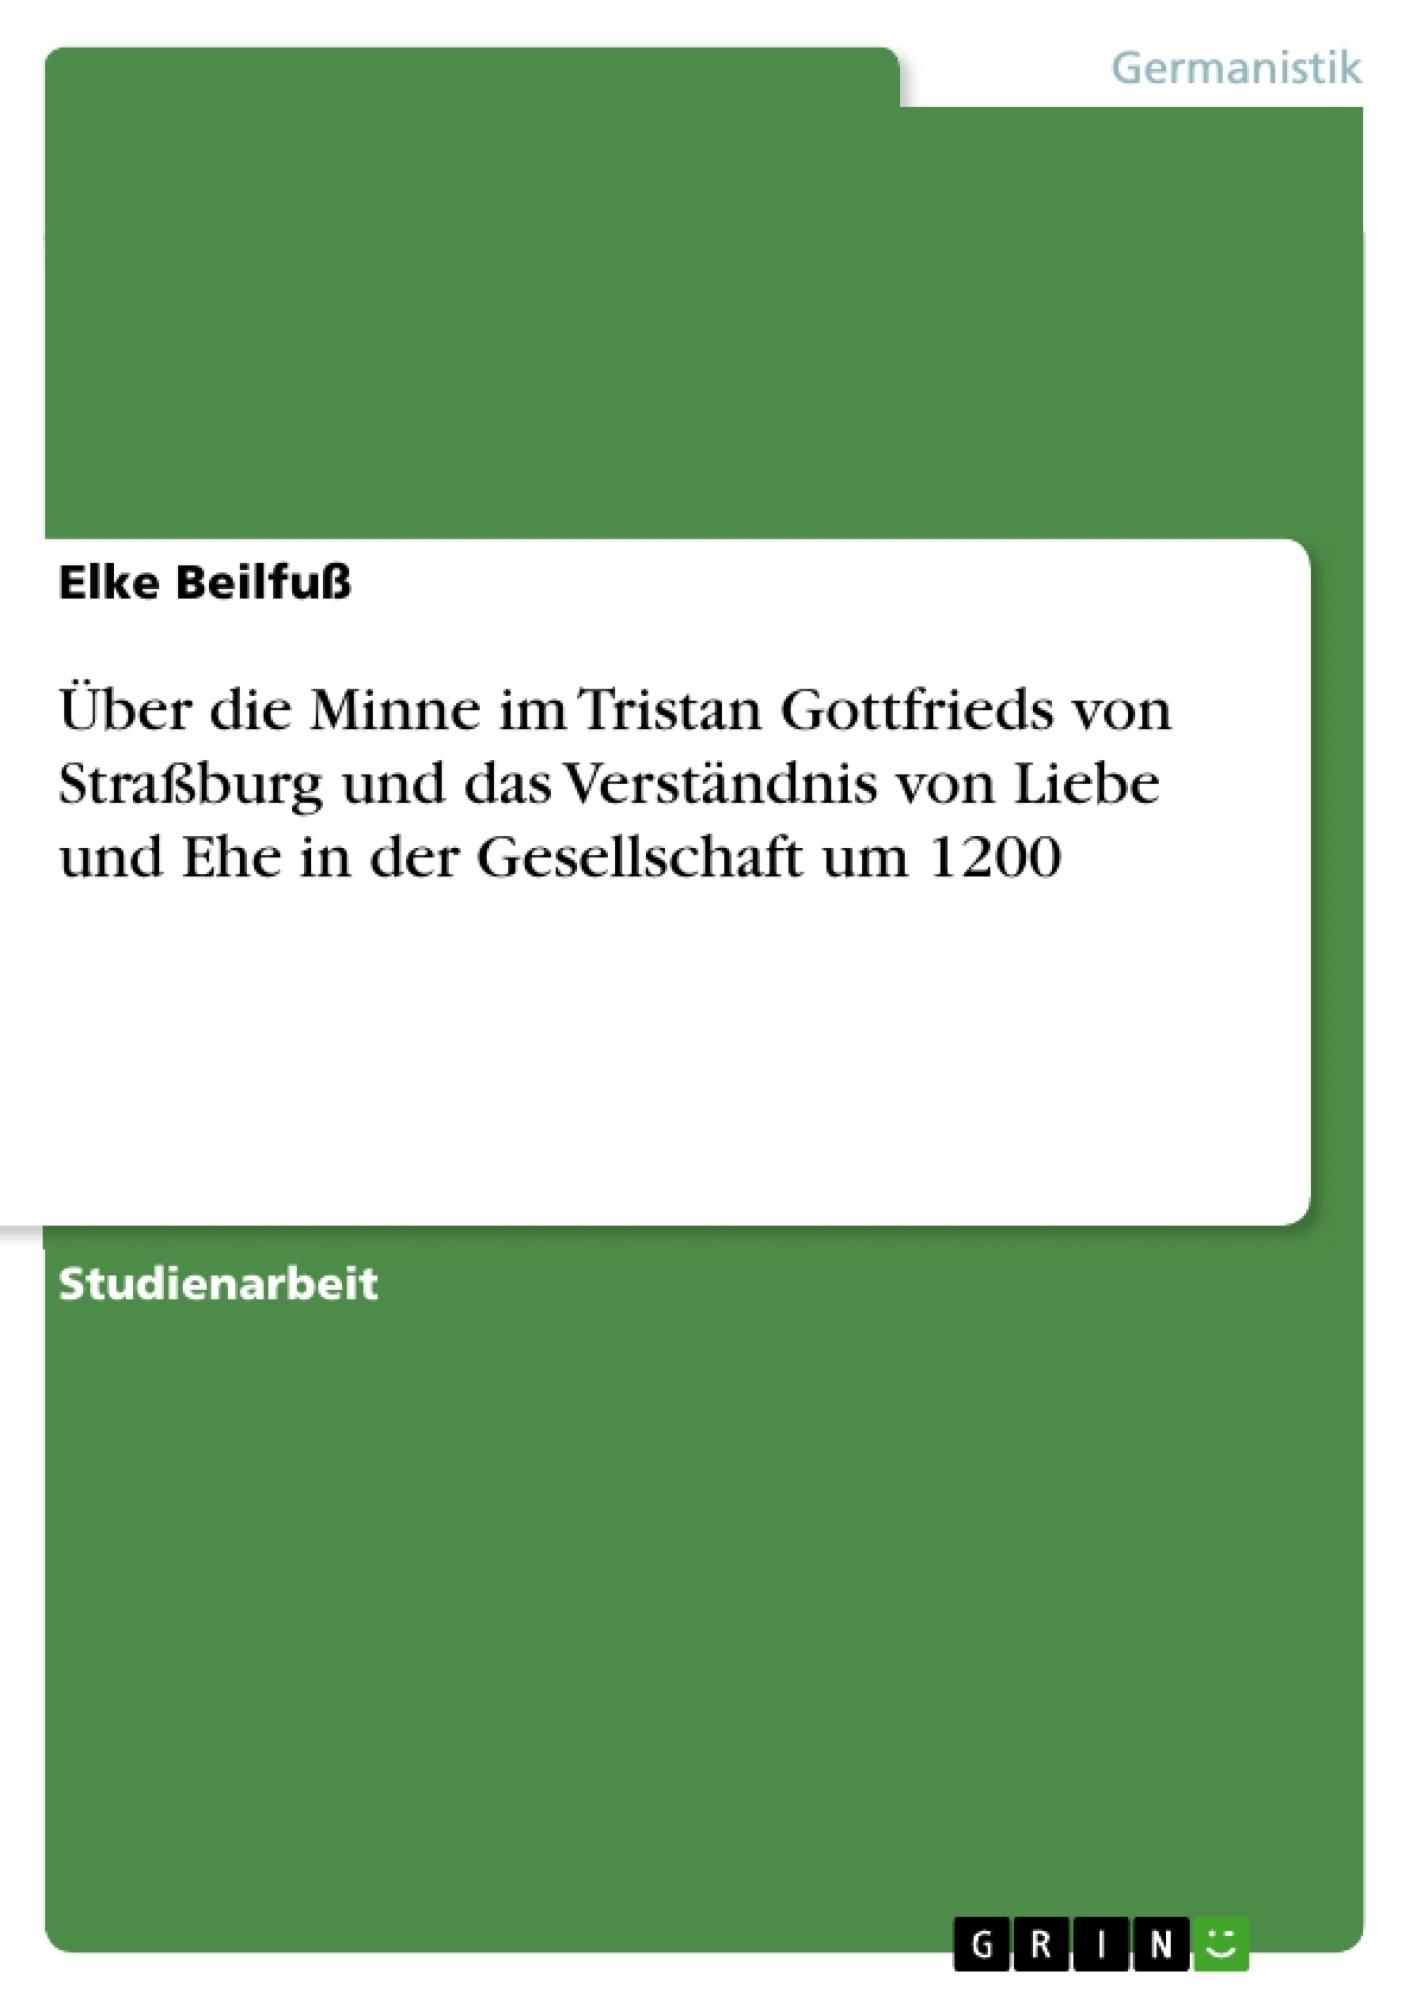 Titel: Über die Minne im Tristan Gottfrieds von Straßburg und das Verständnis von Liebe und Ehe in der Gesellschaft um 1200